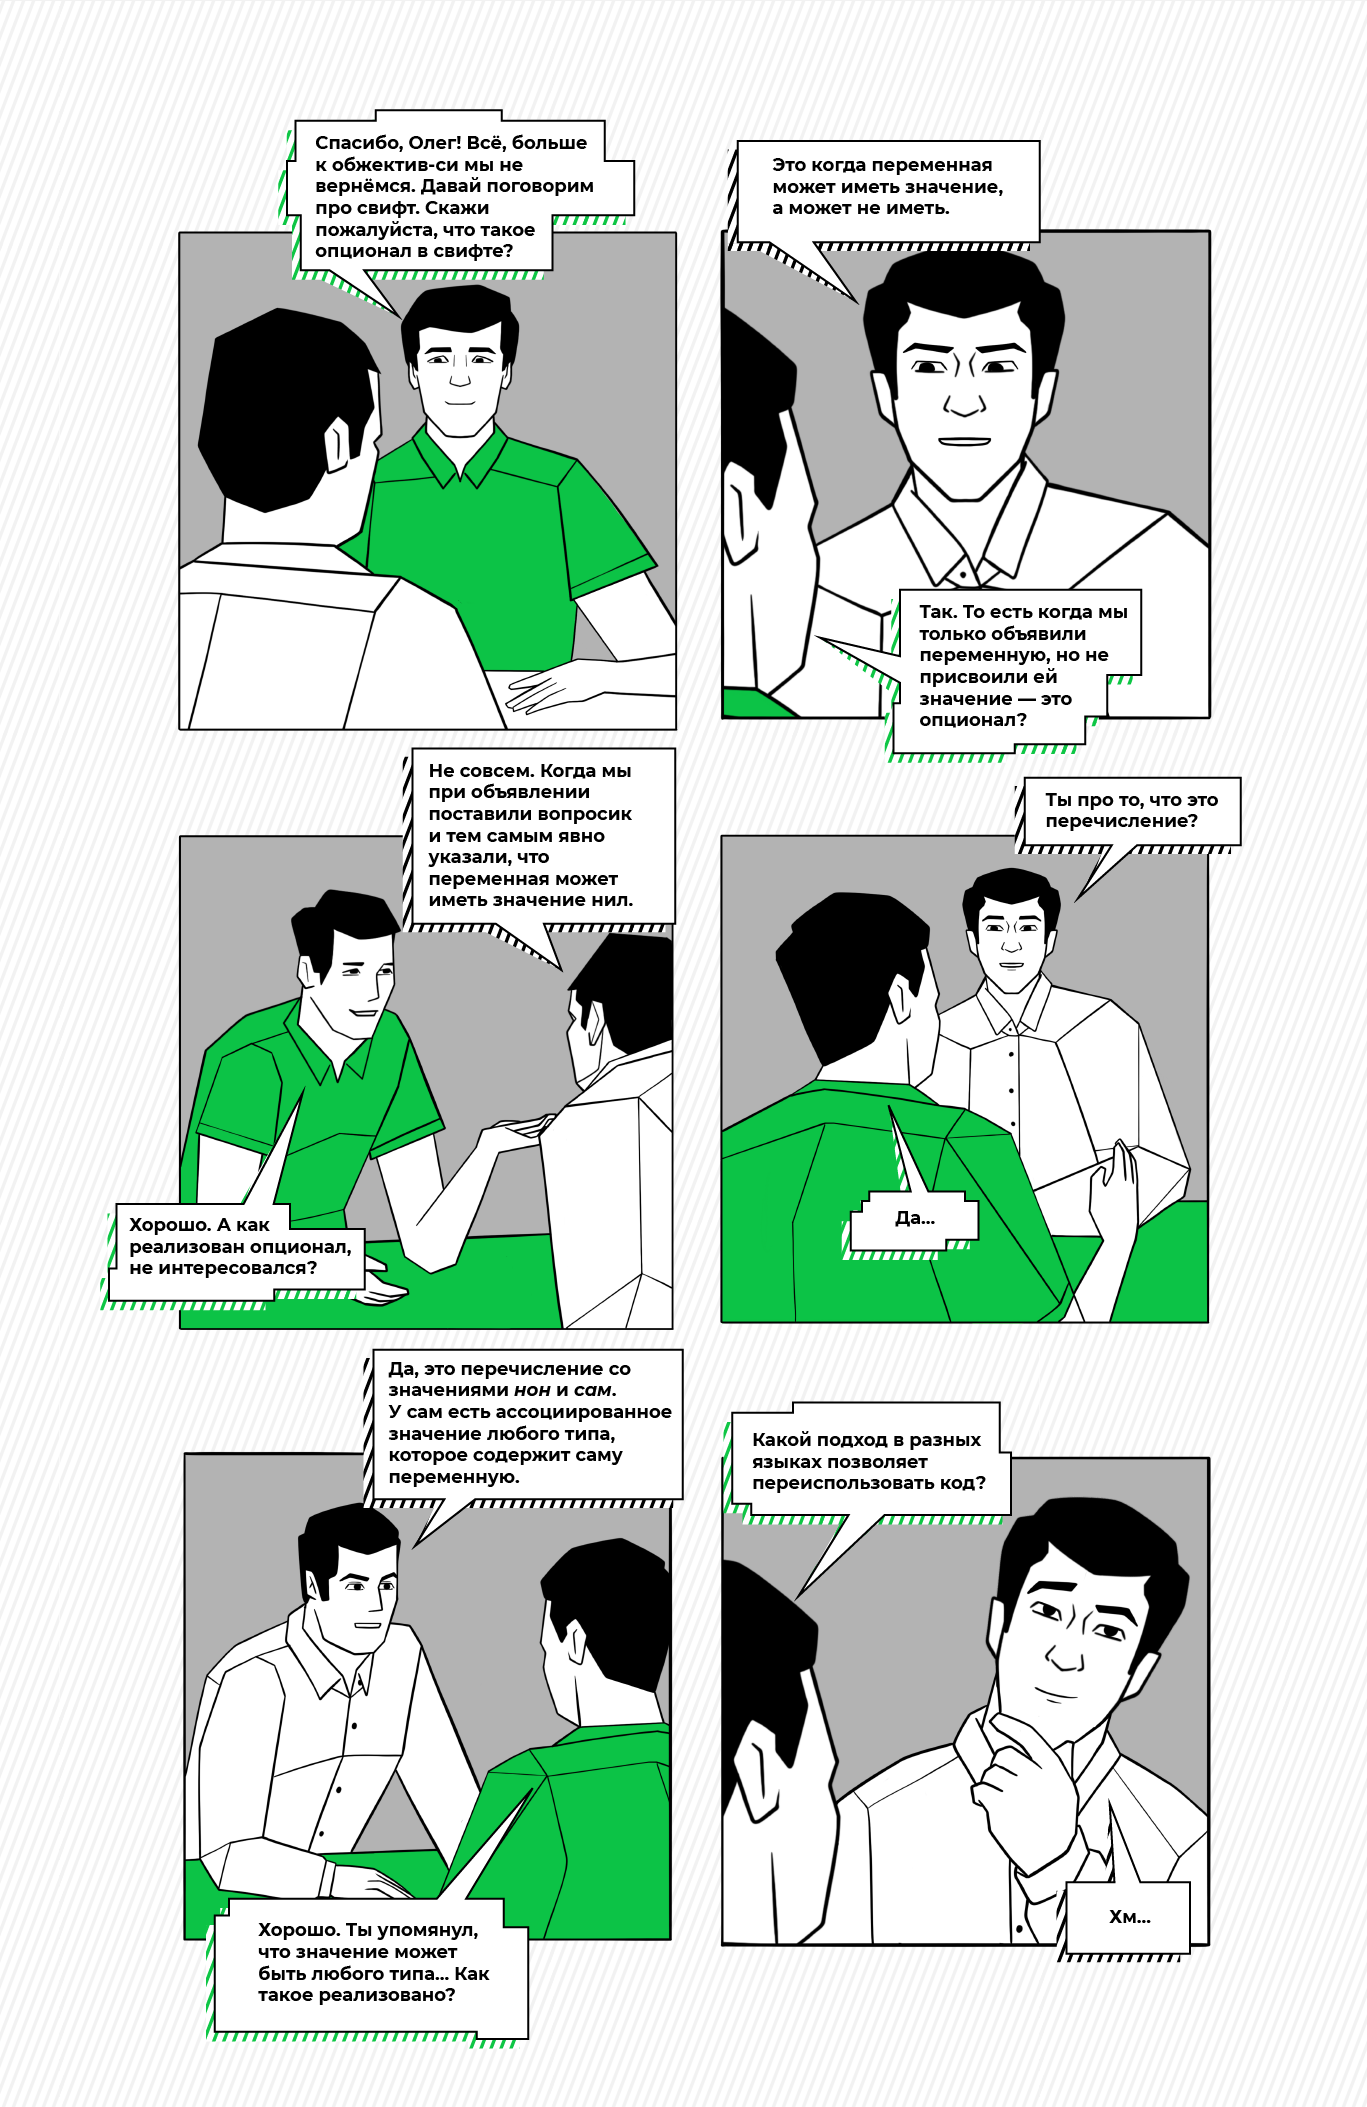 Сценарий идеального технического собеседования - 4